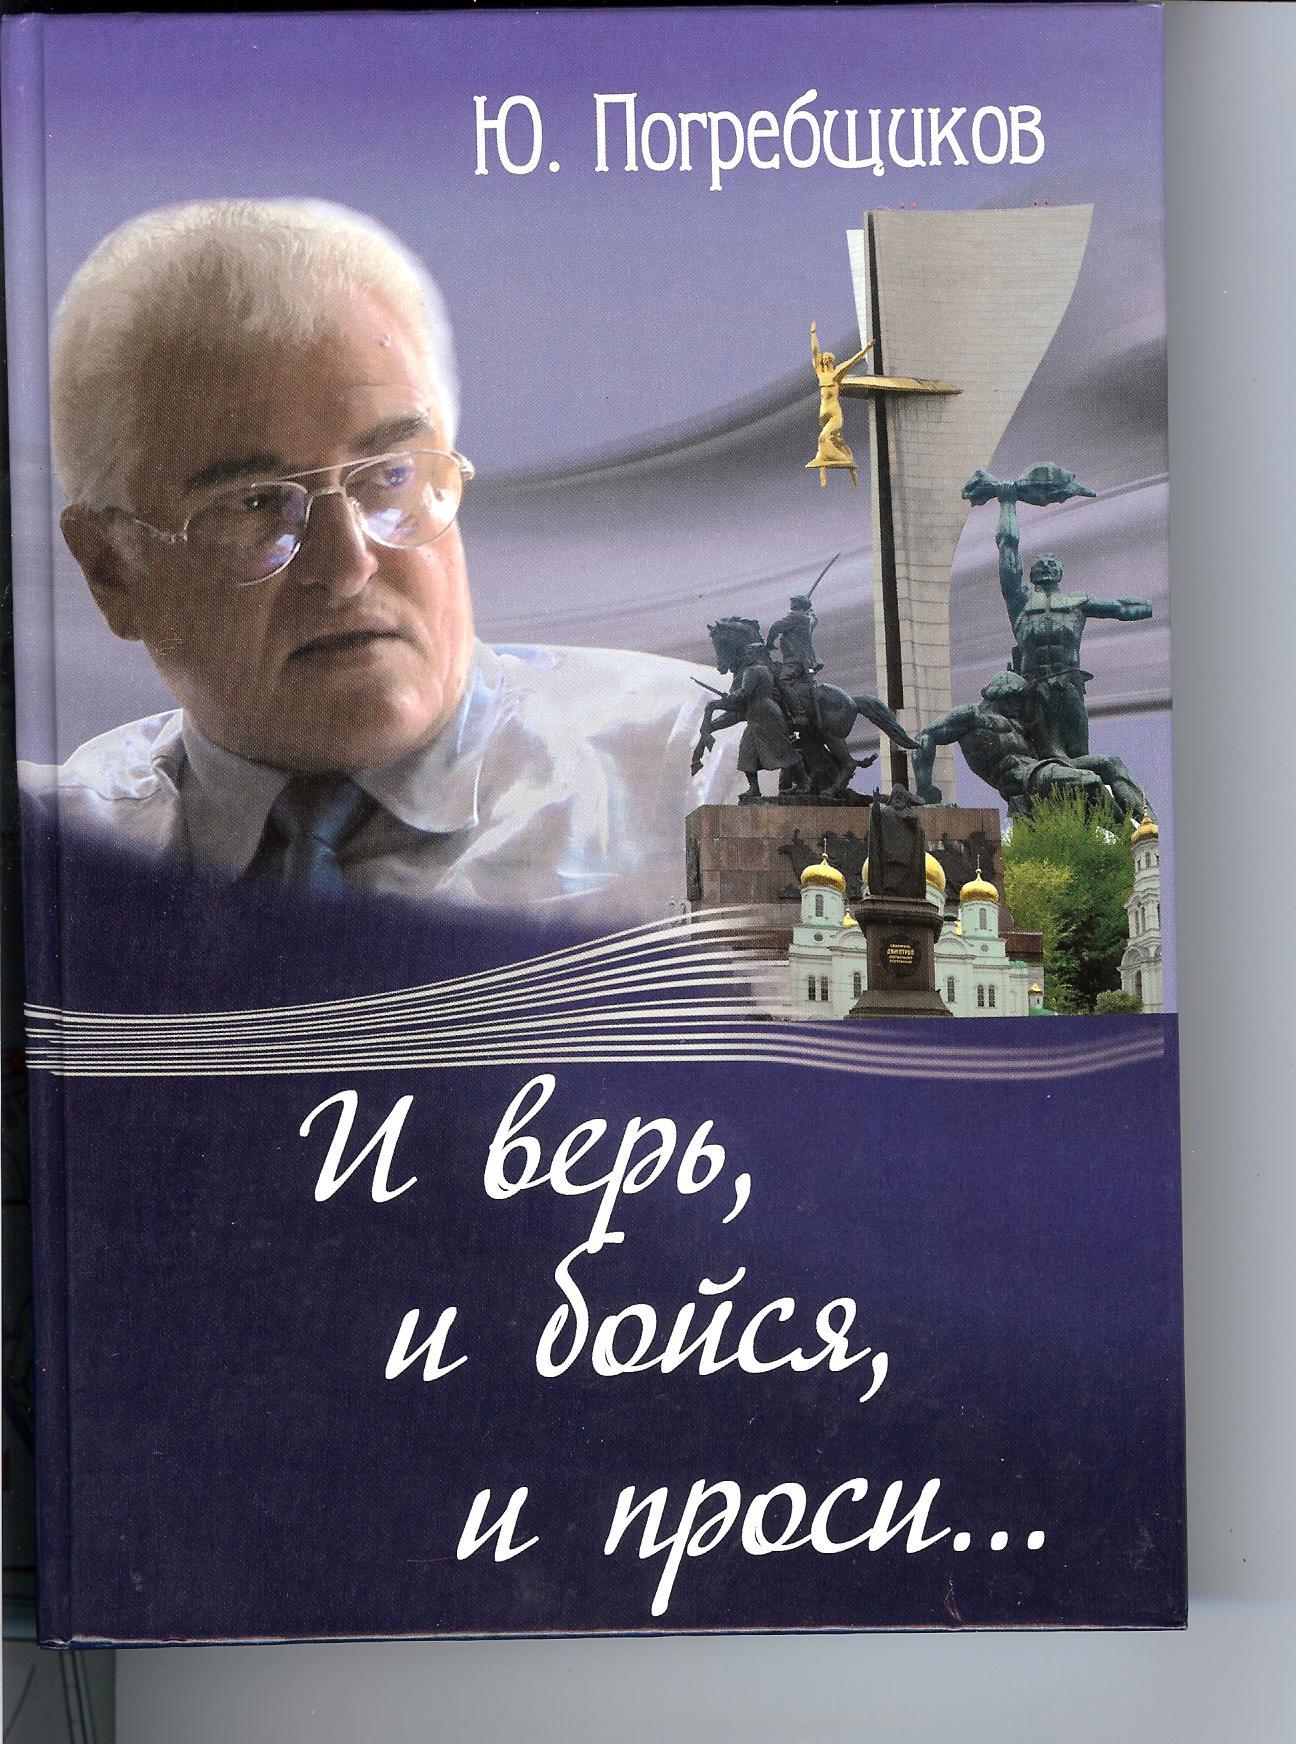 ПОГРЕБЩИКОВ